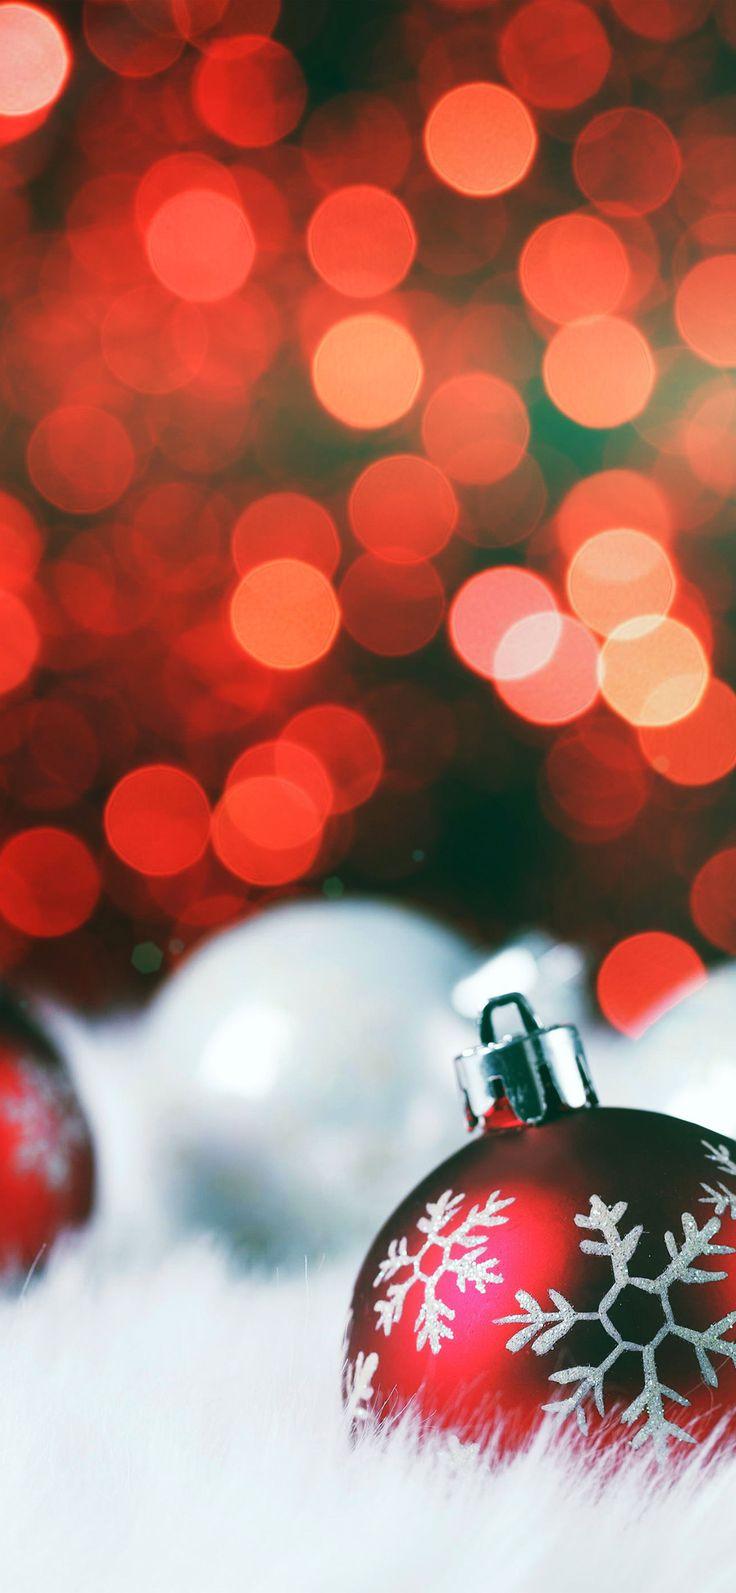 Iphone X Wallpaper Av73 Christmas Bokeh Holiday Red